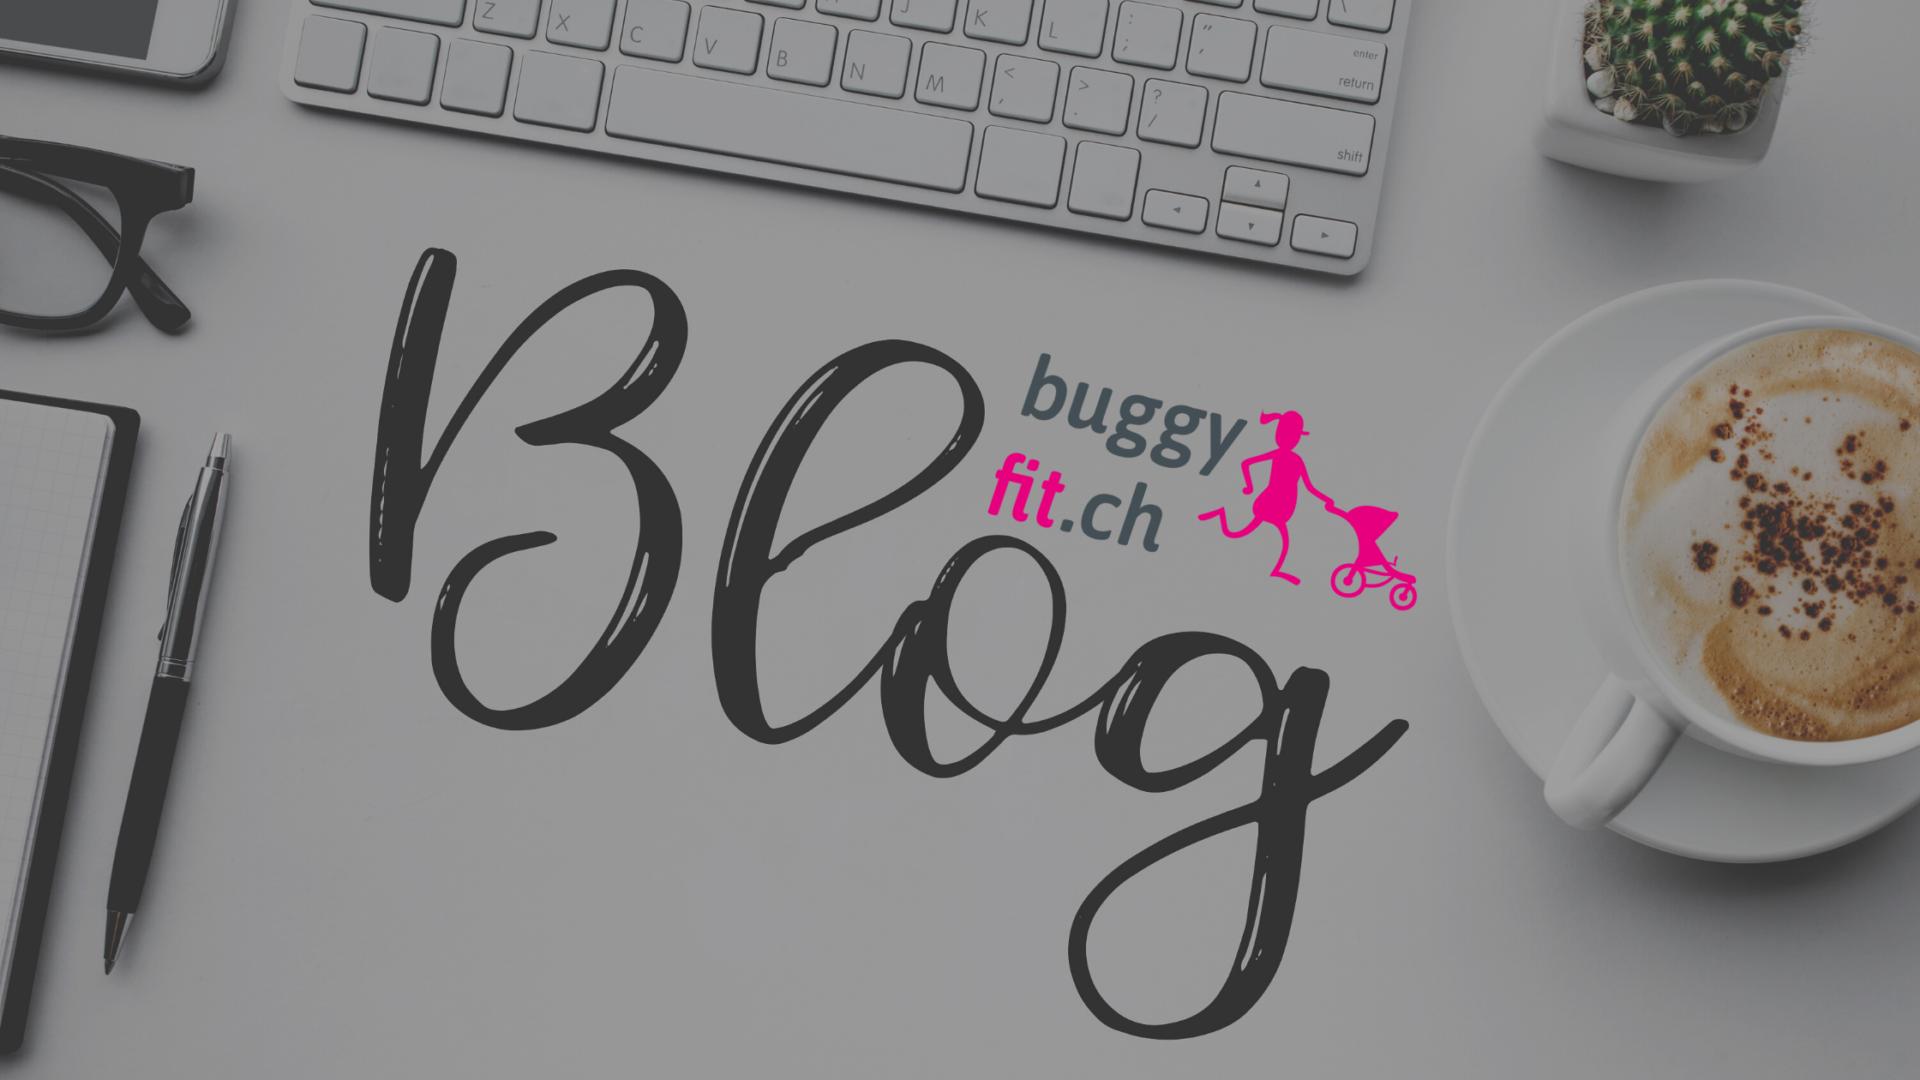 Willkommen auf dem buggyfit-Blog